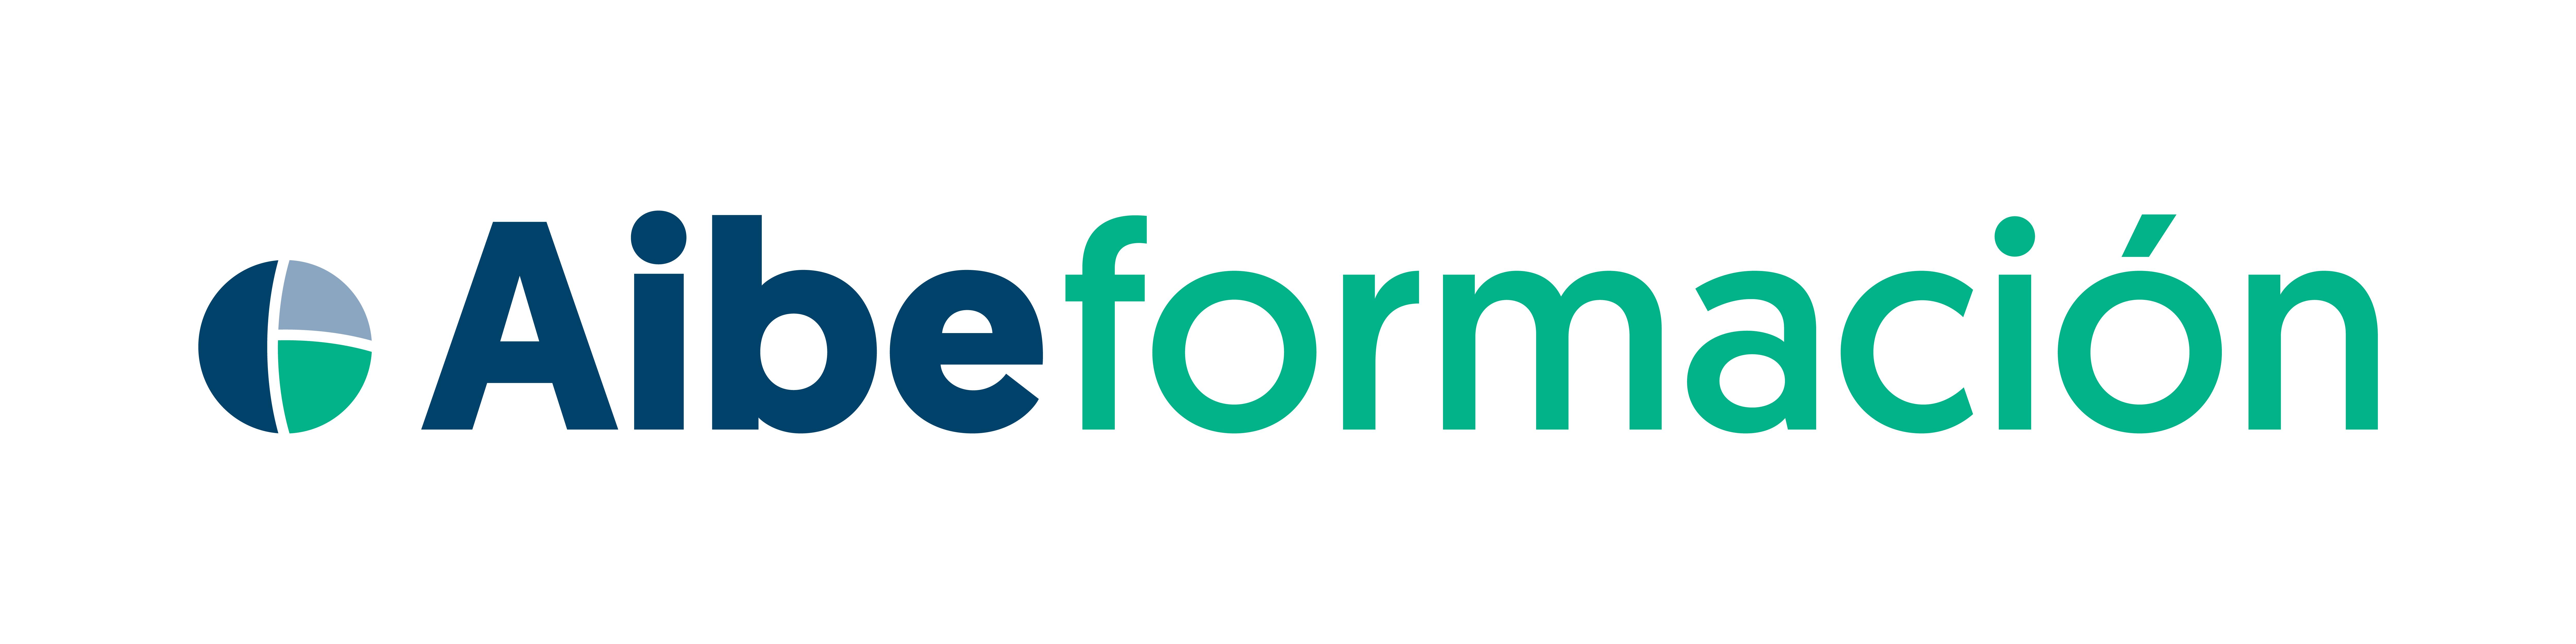 https://www.aibegroup.com/wp-content/uploads/2020/09/Logo-Aibeformacion-RGB-Horizontal-Fondo-blanco.jpg